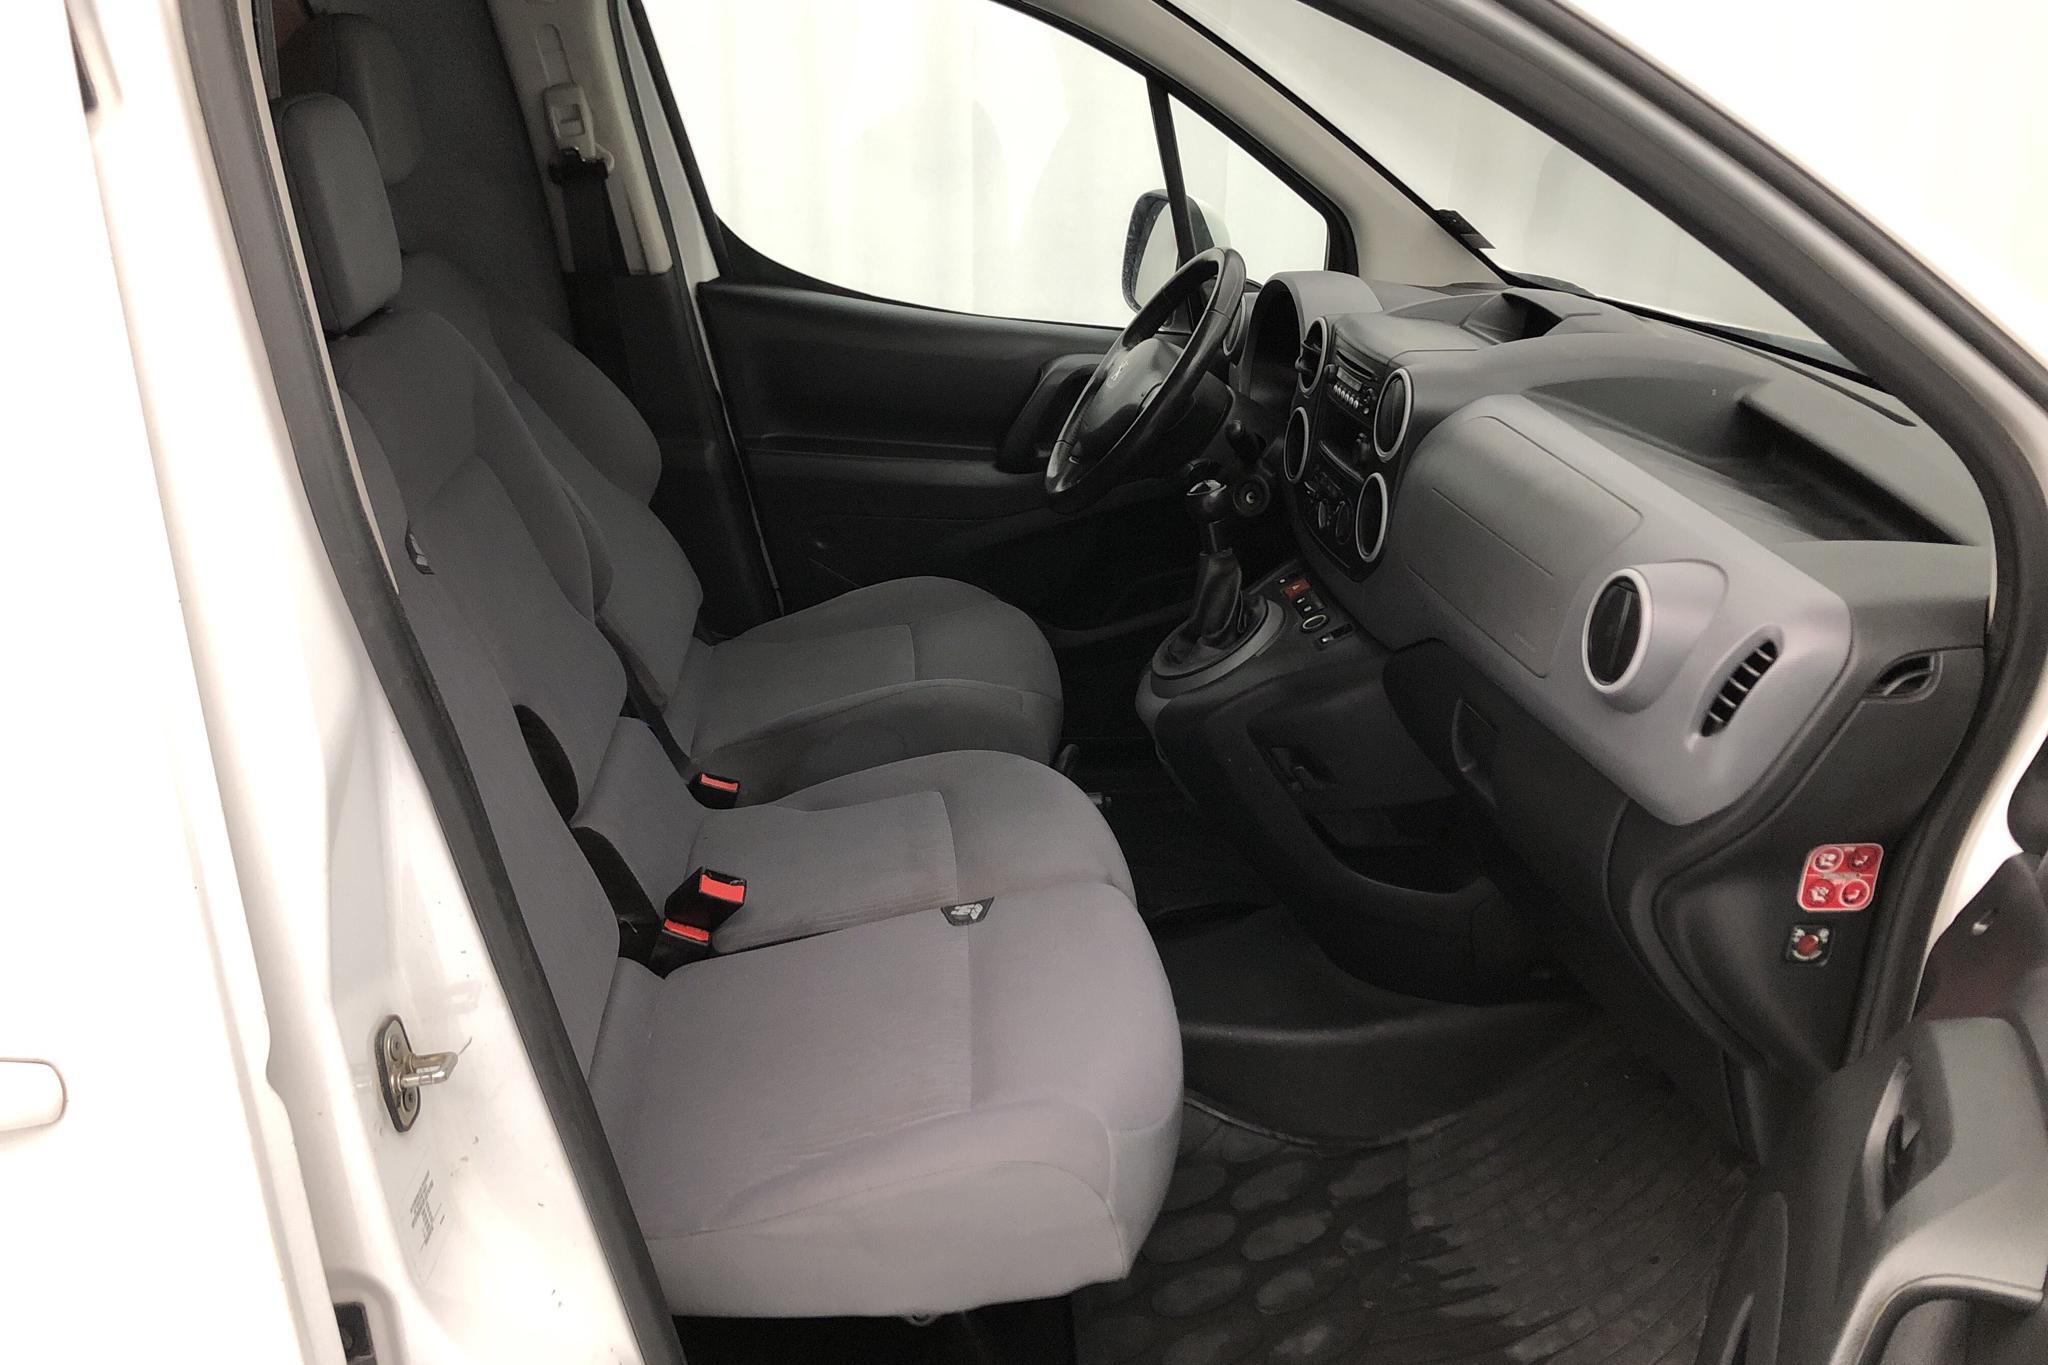 Peugeot Partner 1.6 e-HDI Skåp (90hk) - 170 660 km - Manual - white - 2015